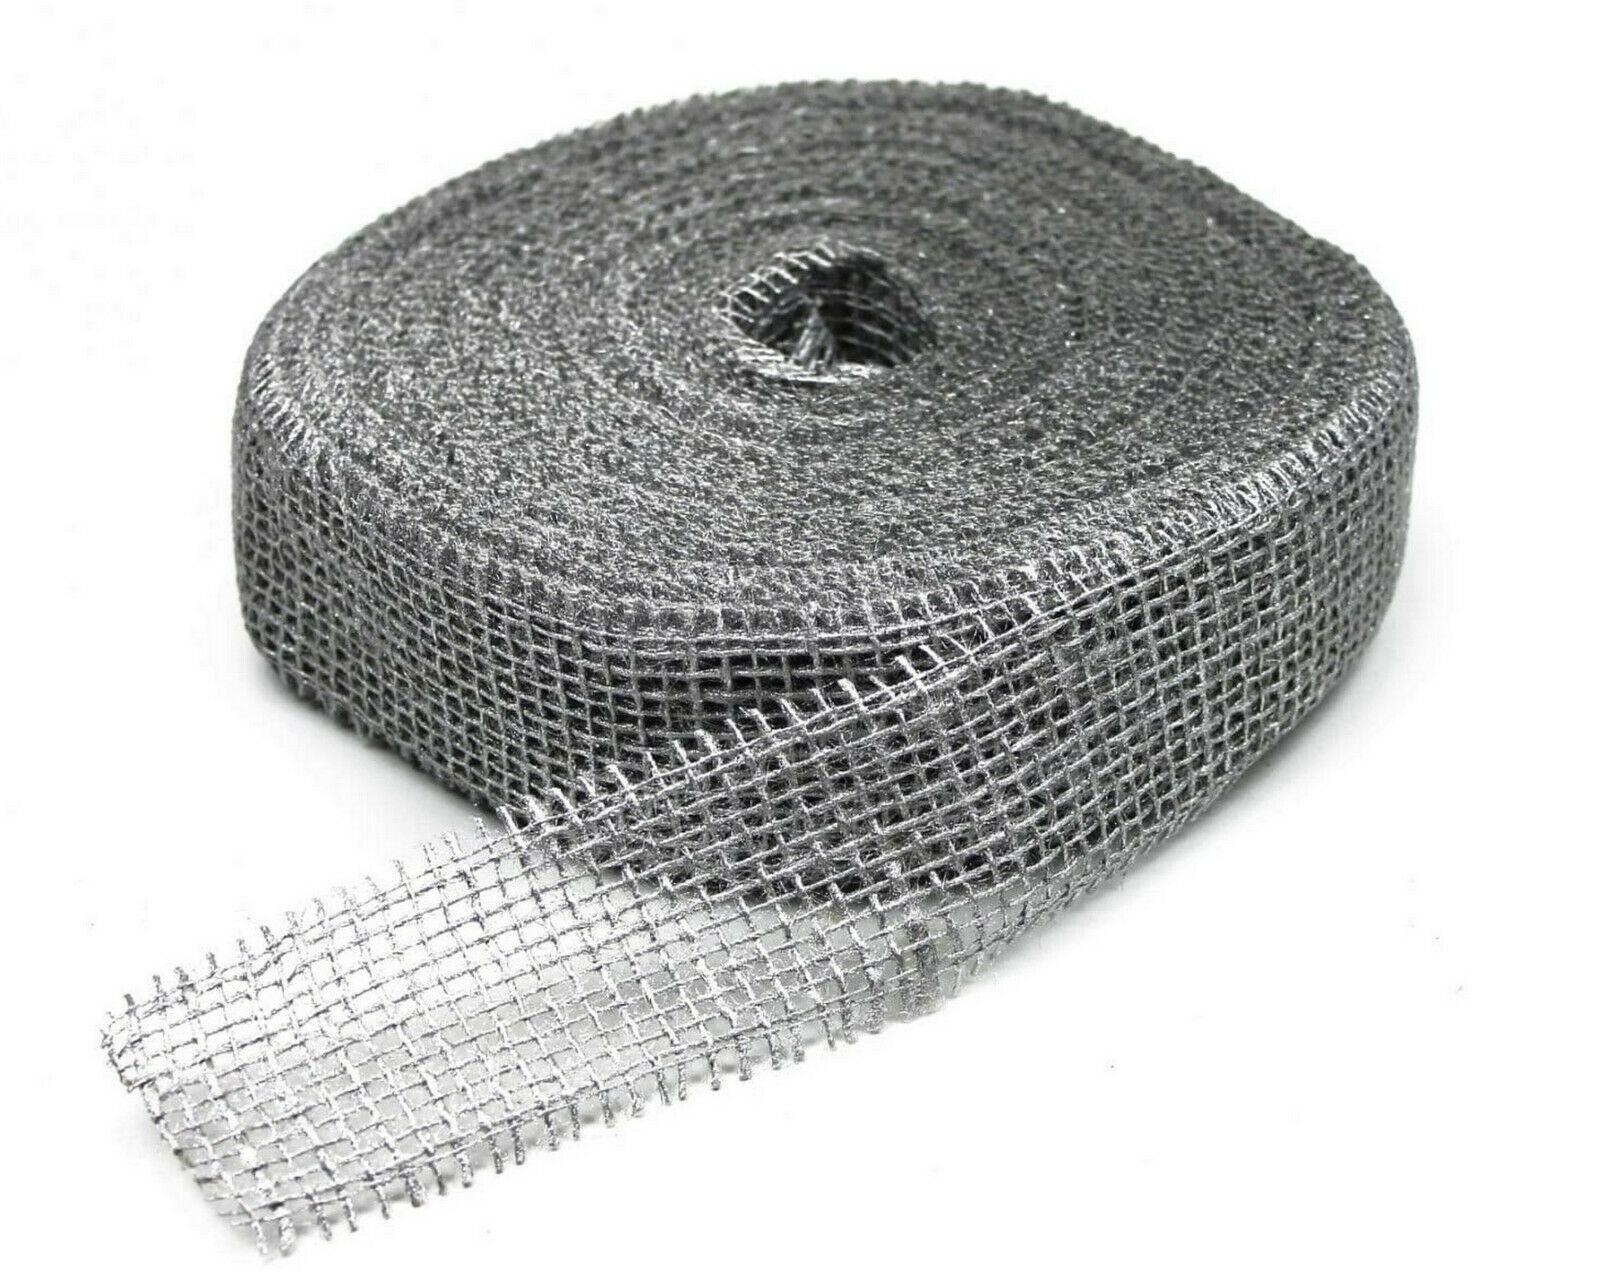 Juteband 40 m x 5 cm Dekoband ab 0,20 €/m Jute Rolle Schleifenband Rupfen Band - silber ( sehr hart)  40 m